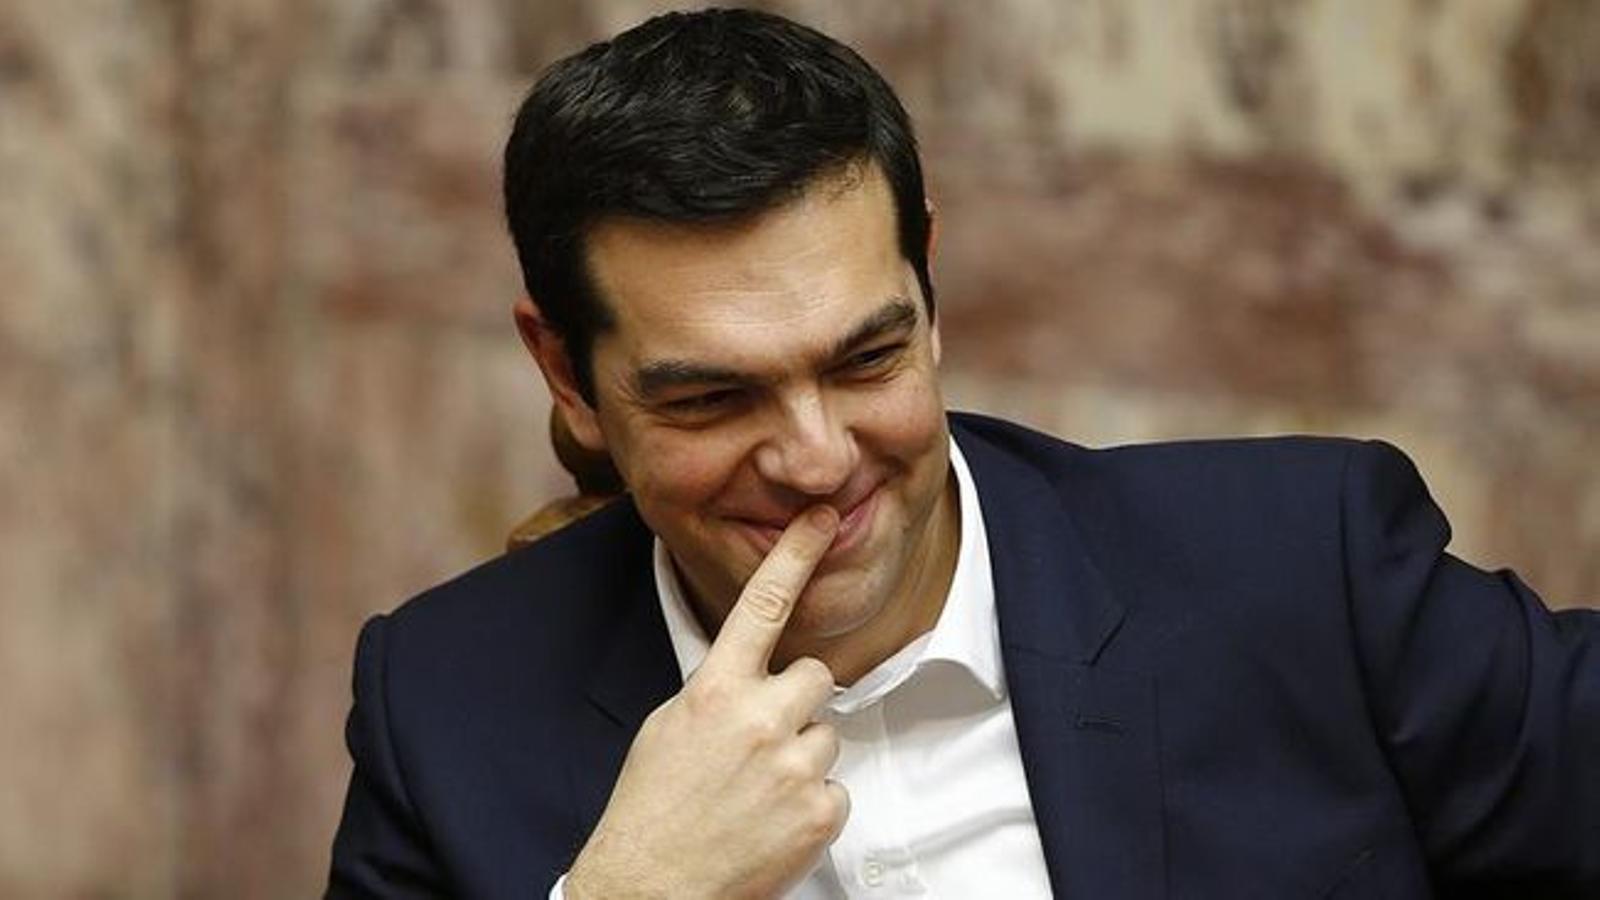 El govern liderat per Alexis Tsipras ha aconseguit que els socis de l'euro desbloquegin els diners del tercer rescat. IANIS BEHRAKIS / EFE